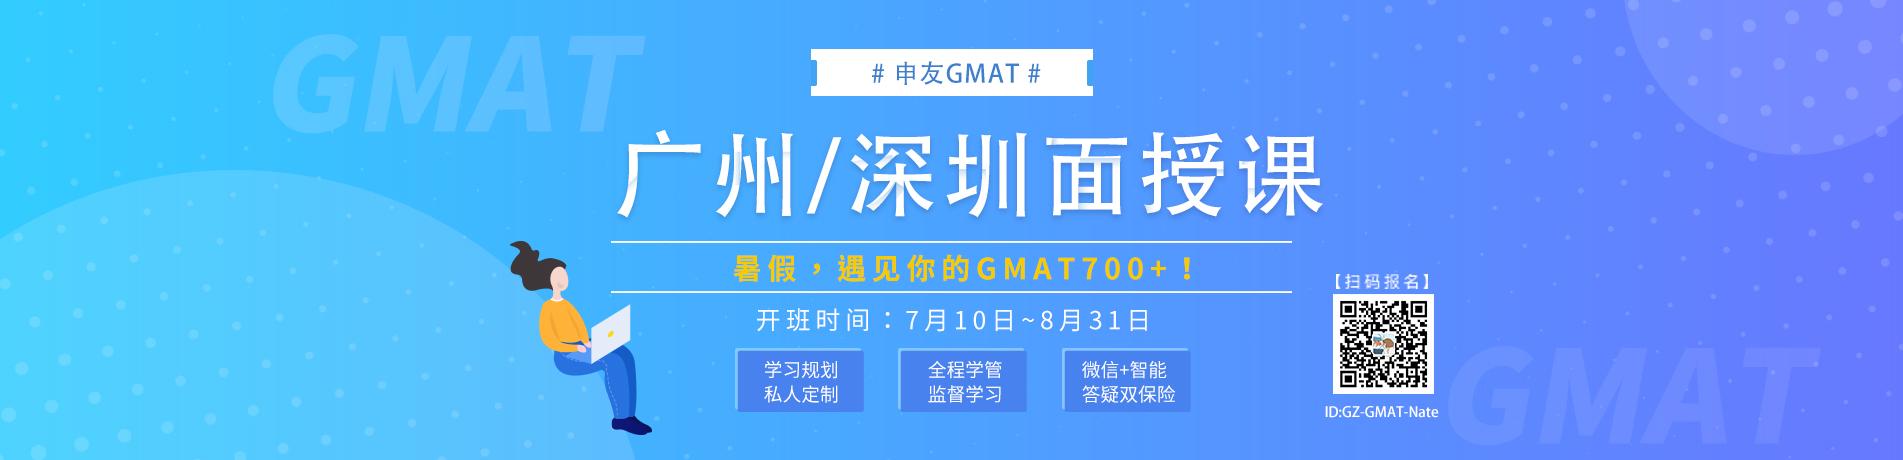 广州深圳面授GMAT